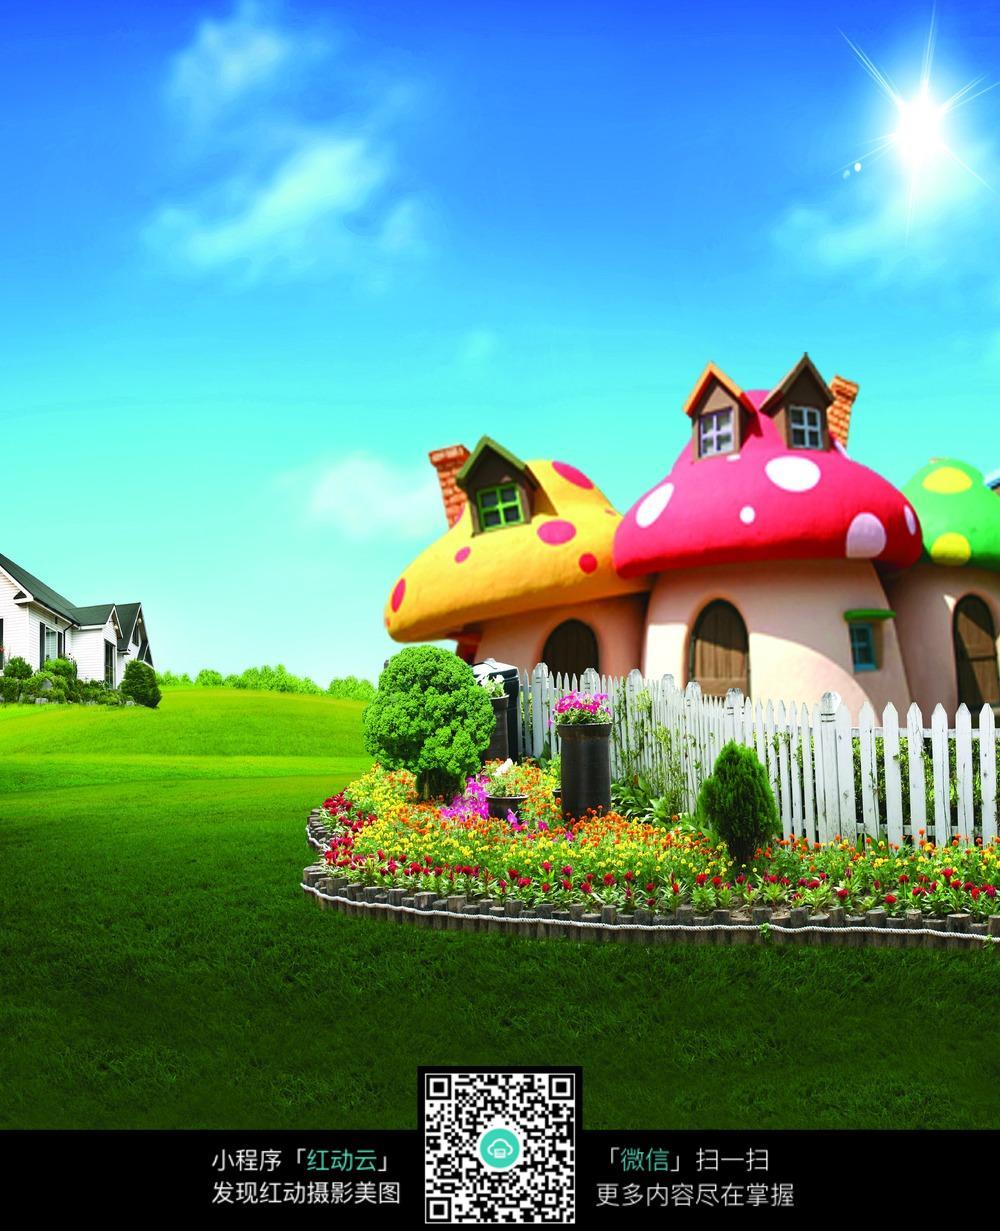 蘑菇状小屋